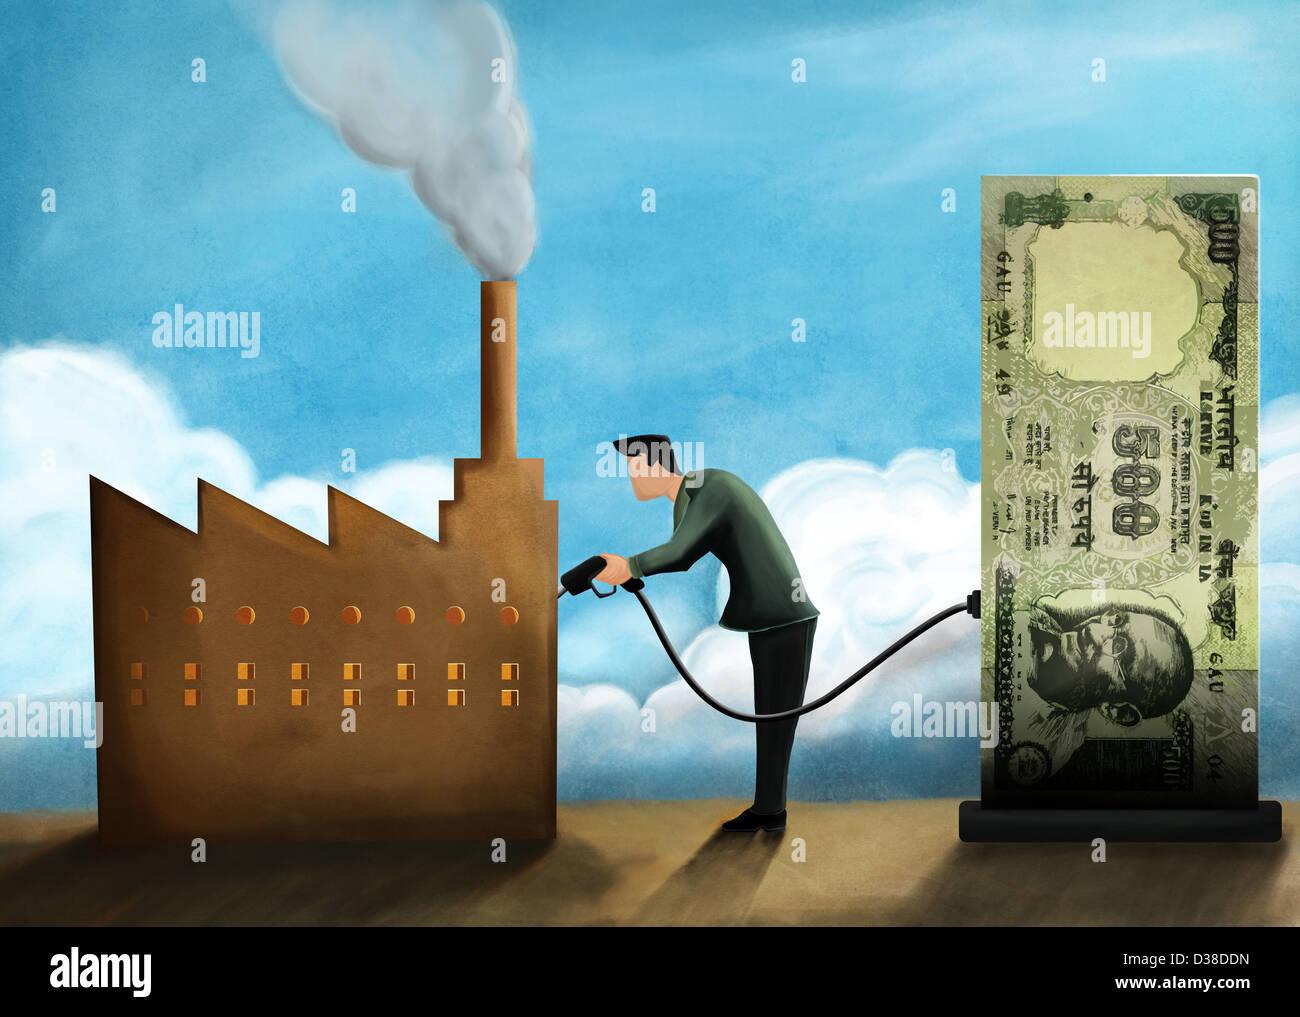 Immagine illustrativa di imprenditore il rifornimento di fabbrica con il denaro che rappresentano gli investimenti Immagini Stock